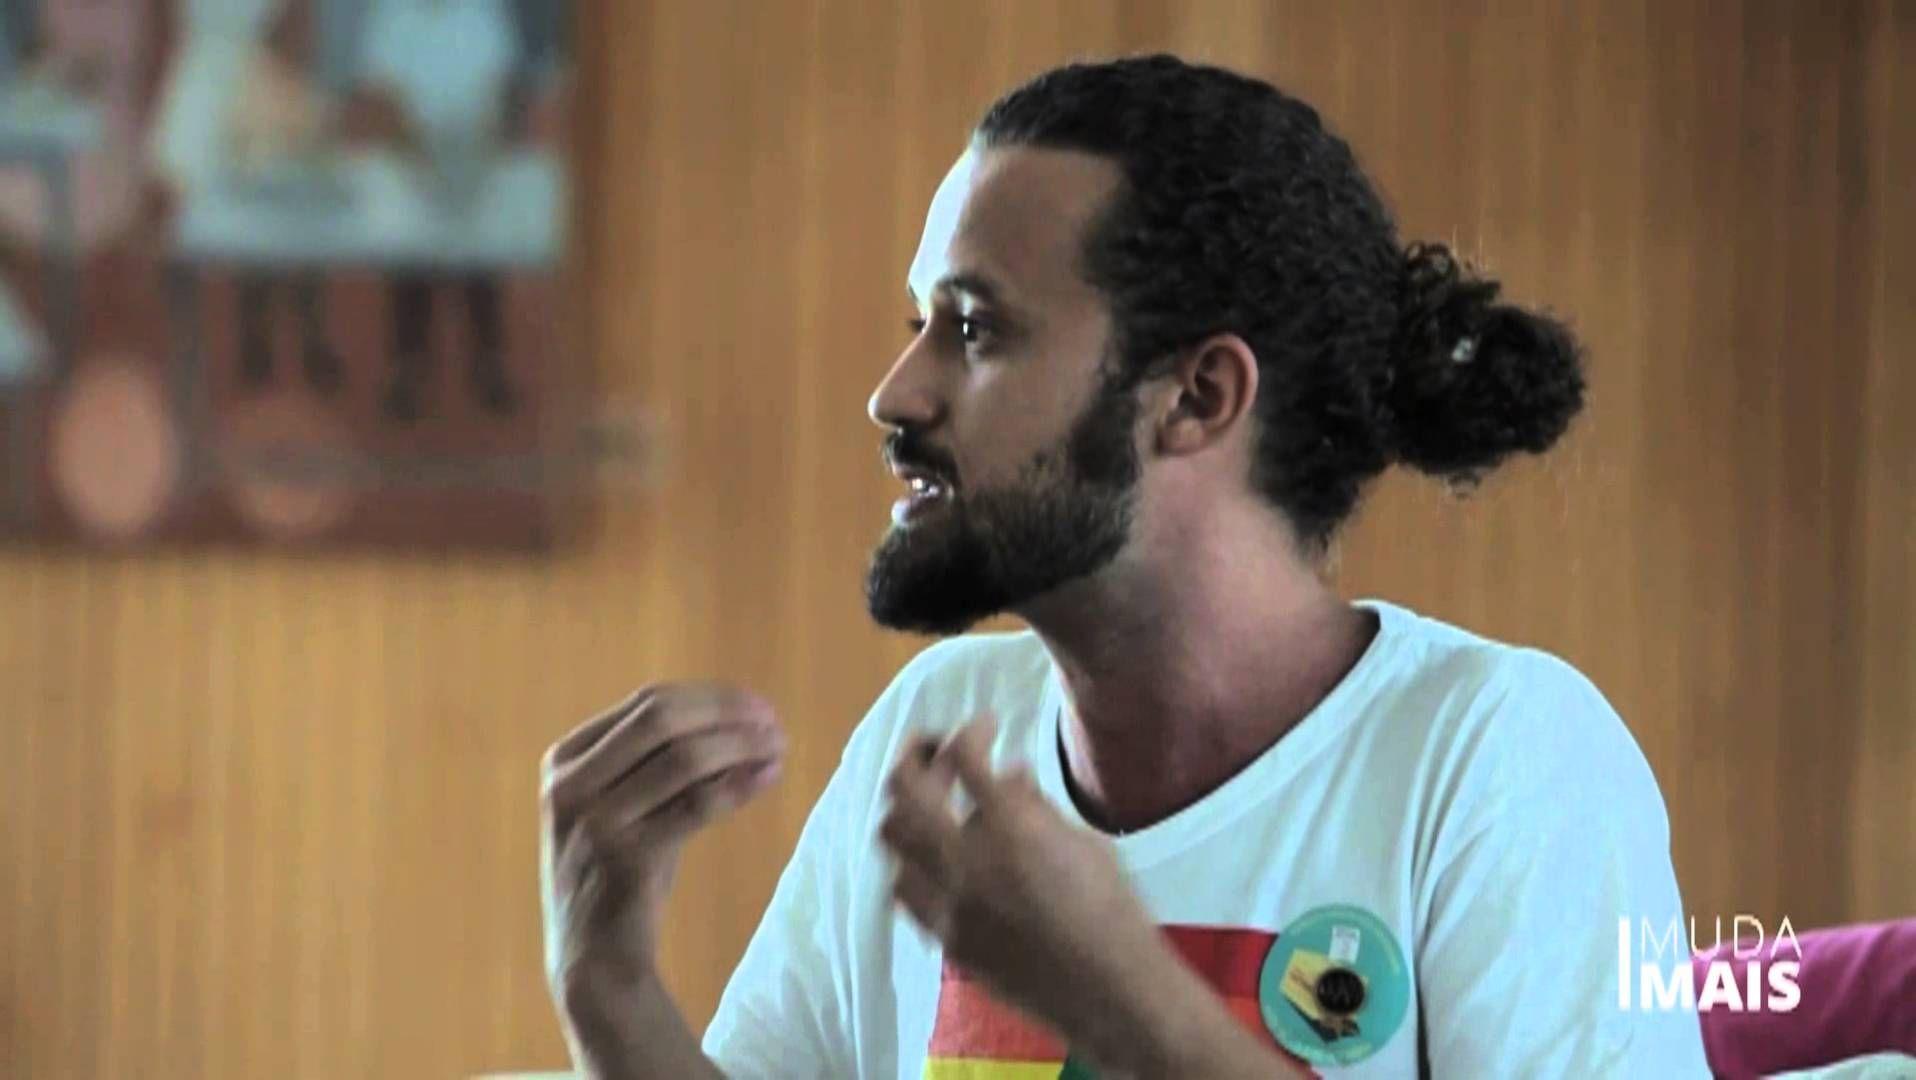 ORGULHO ! :-) #JuventudecomDilma13: Bate papo com Dilma sobre combate à homofobia